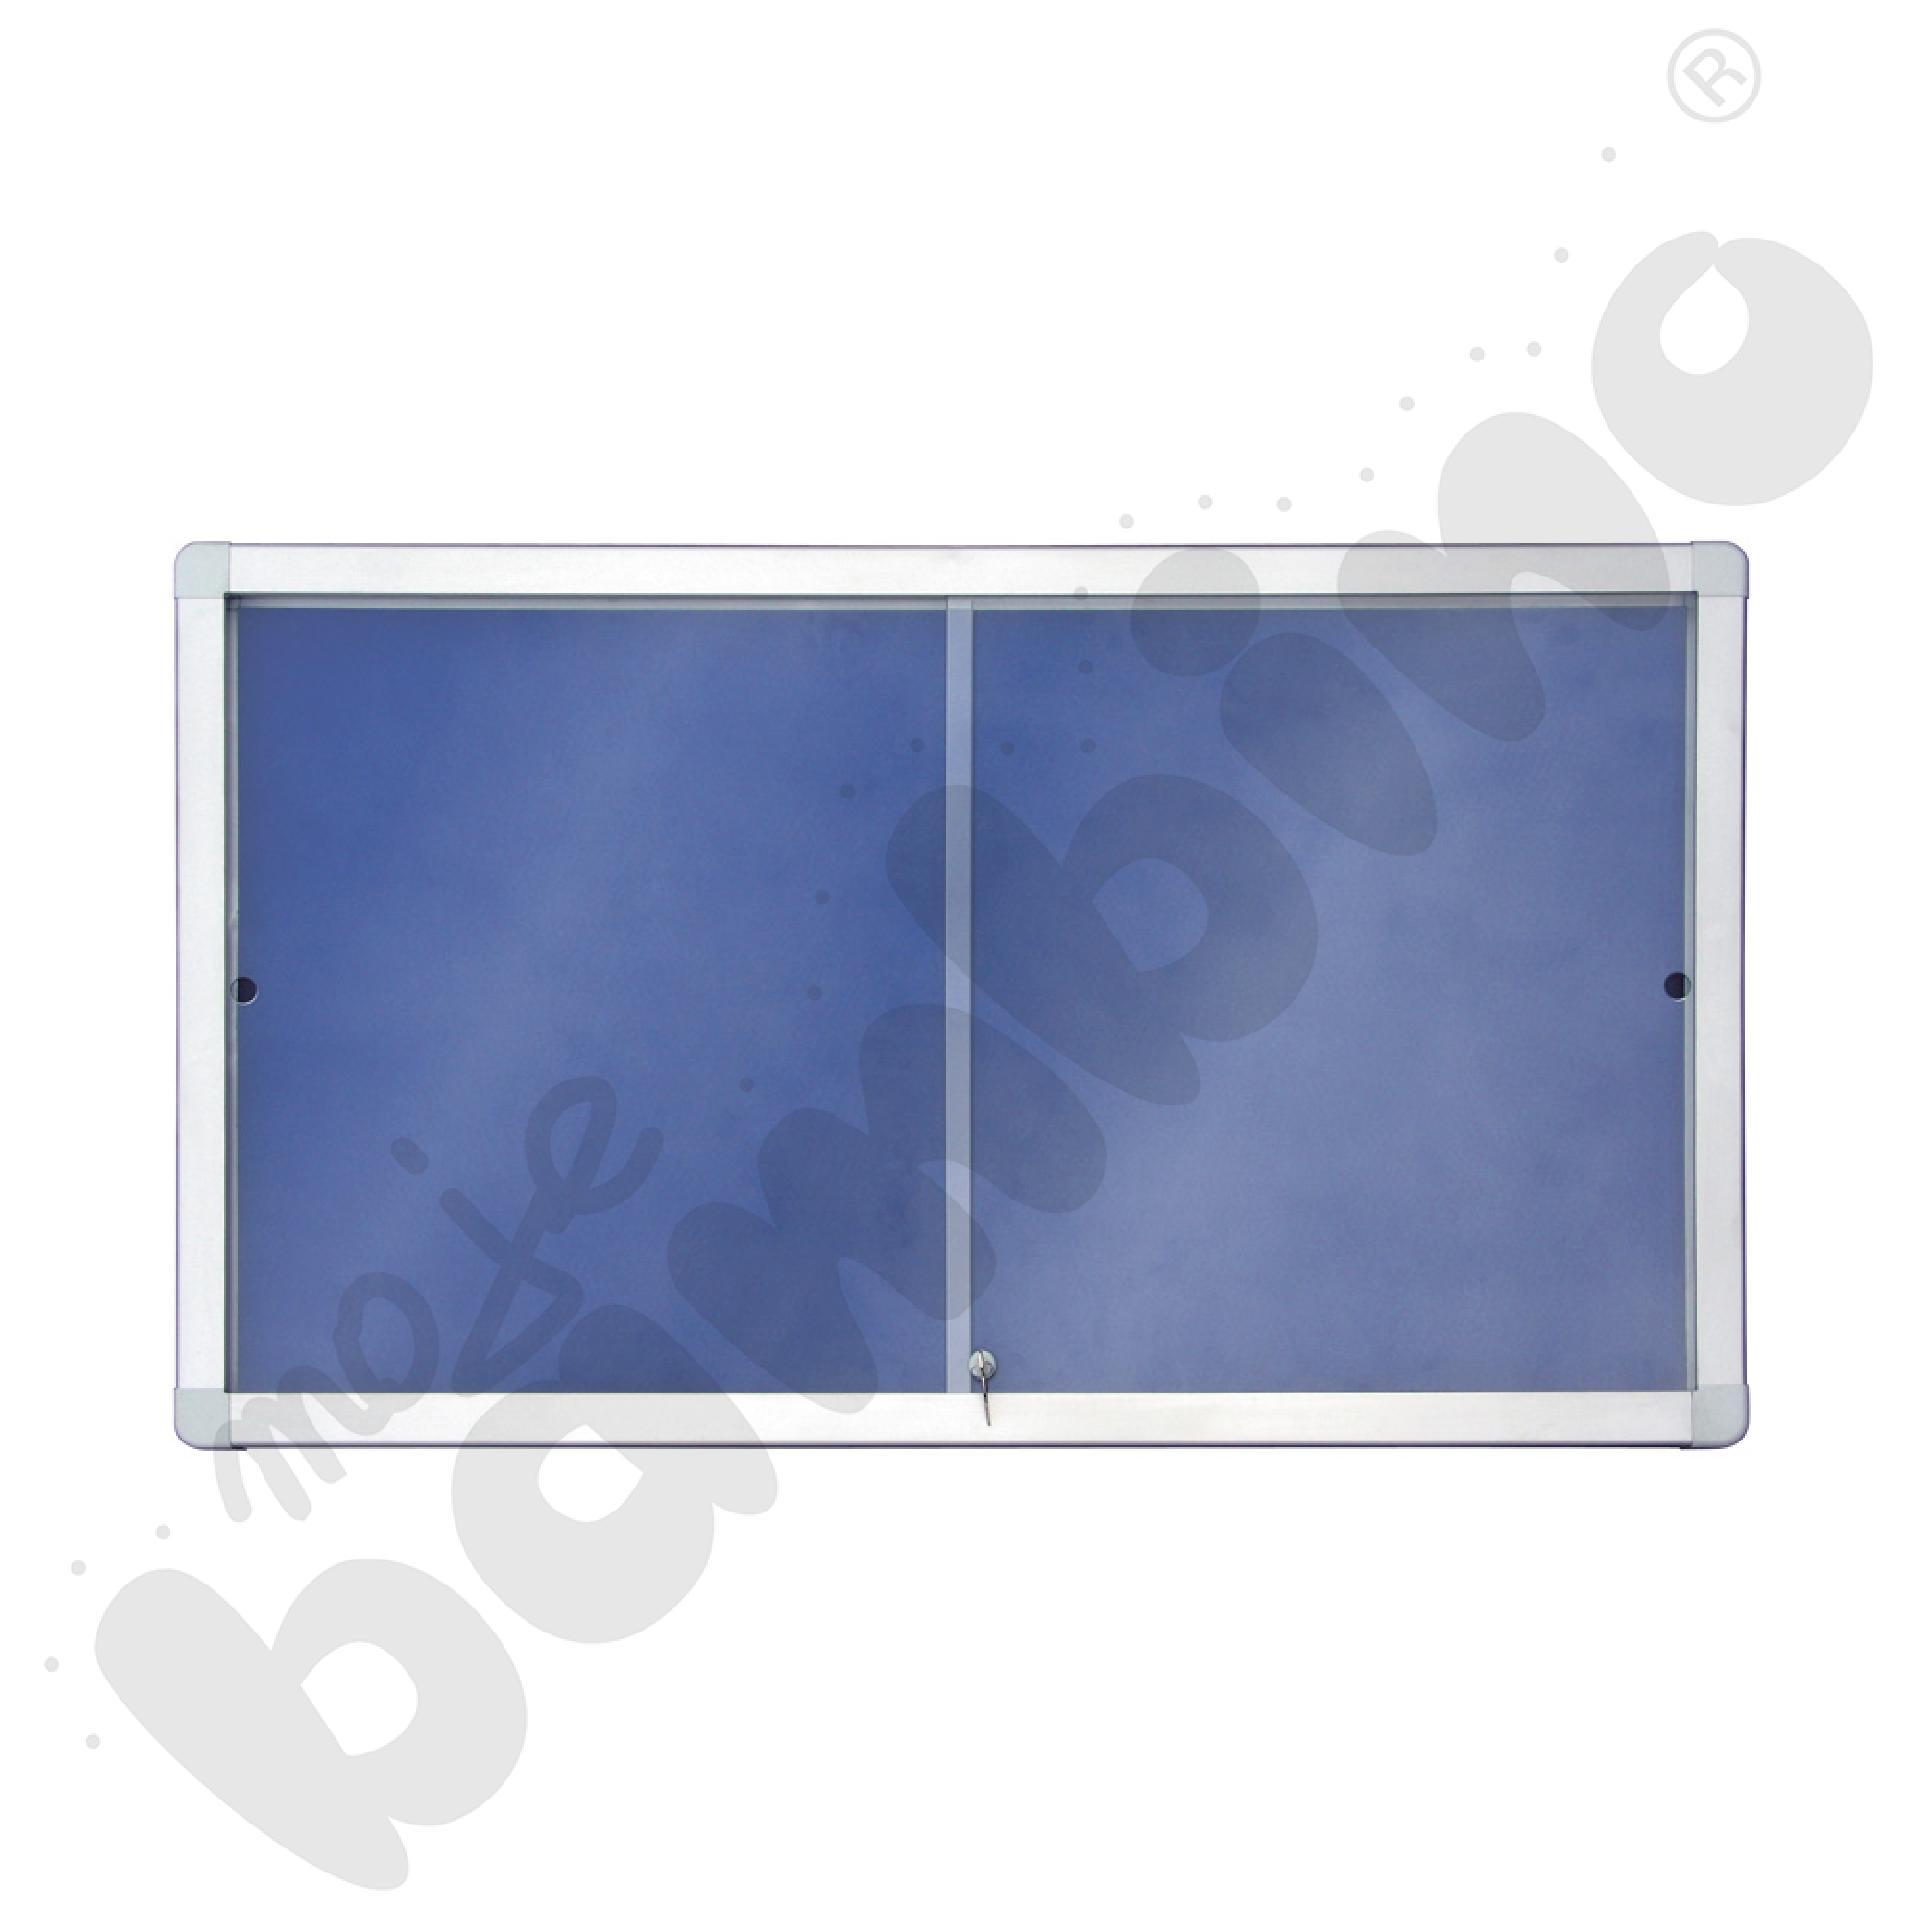 Gablota wewnętrzna tekstylna z przesuwnymi drzwiami 141 x 101 cm